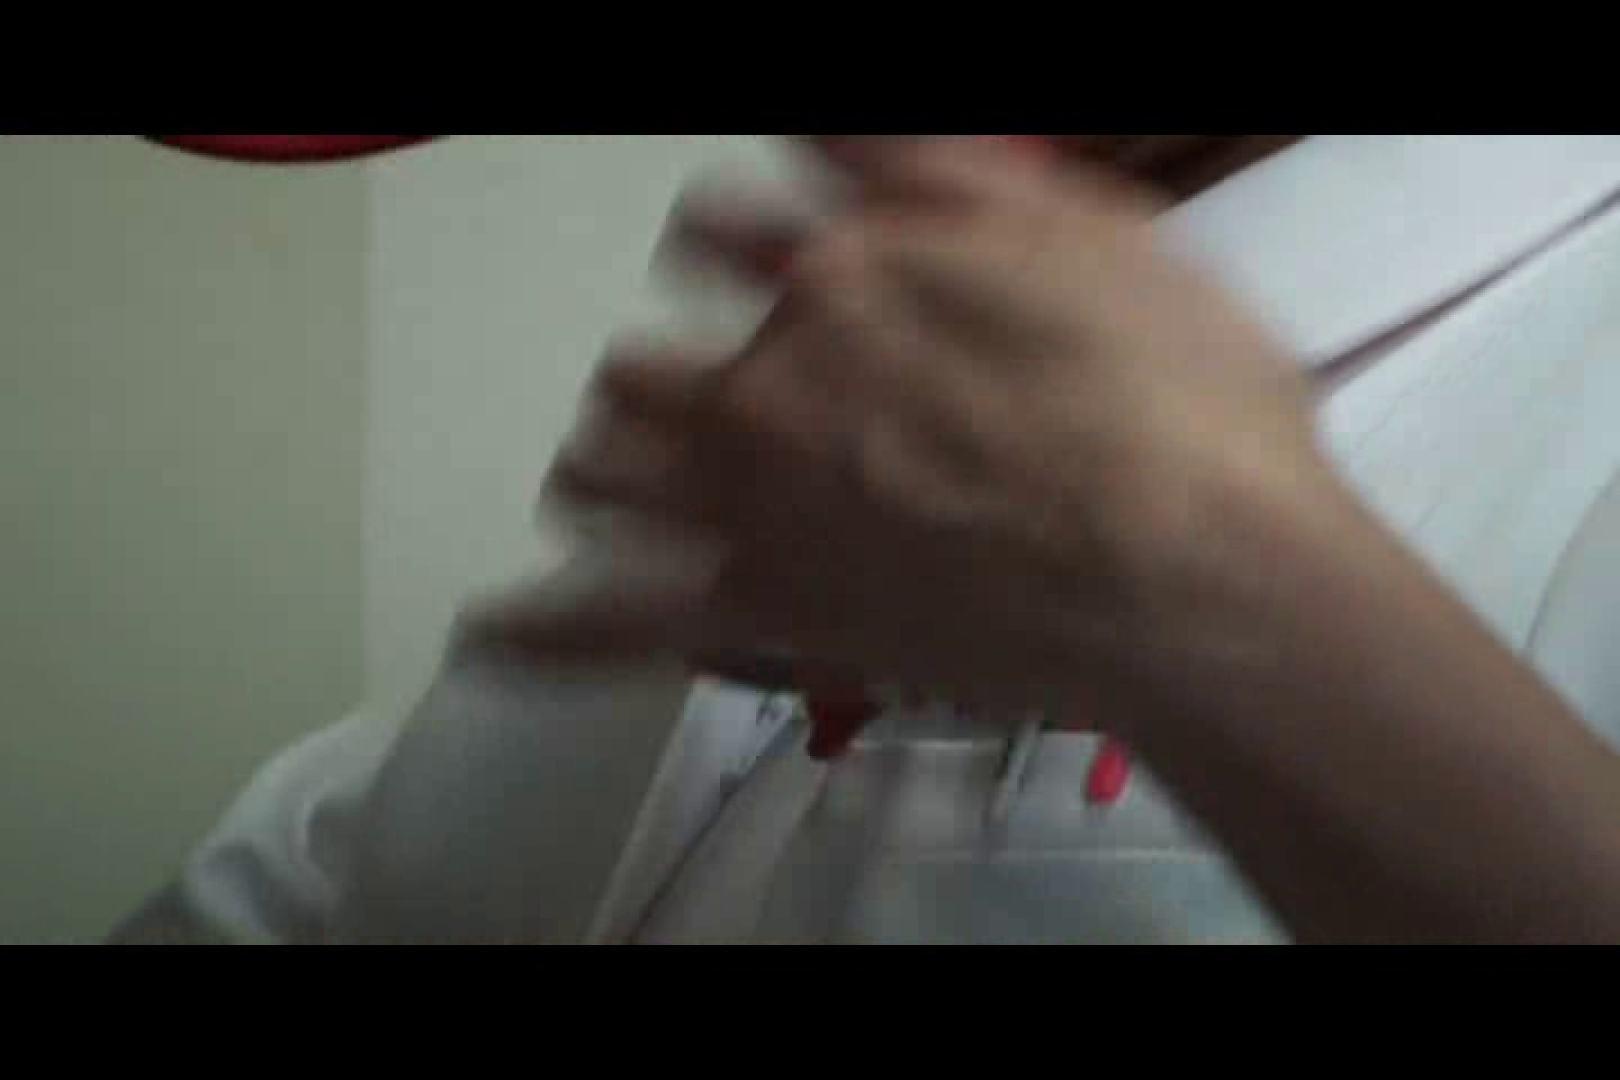 独占配信!無修正! 看護女子寮 vol.08 ナースのエロ動画 ヌード画像 113PIX 57